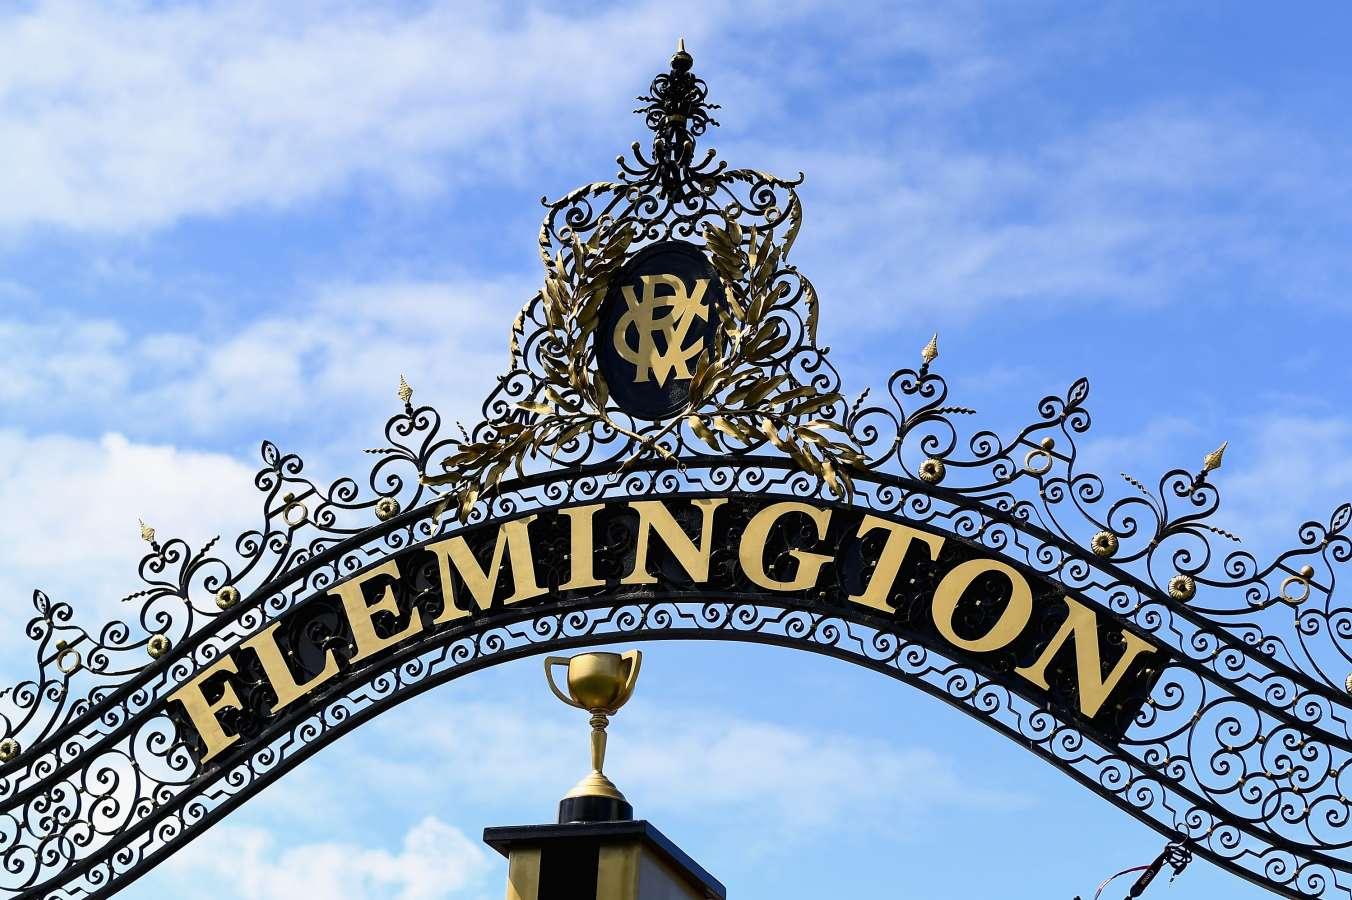 Flemmington